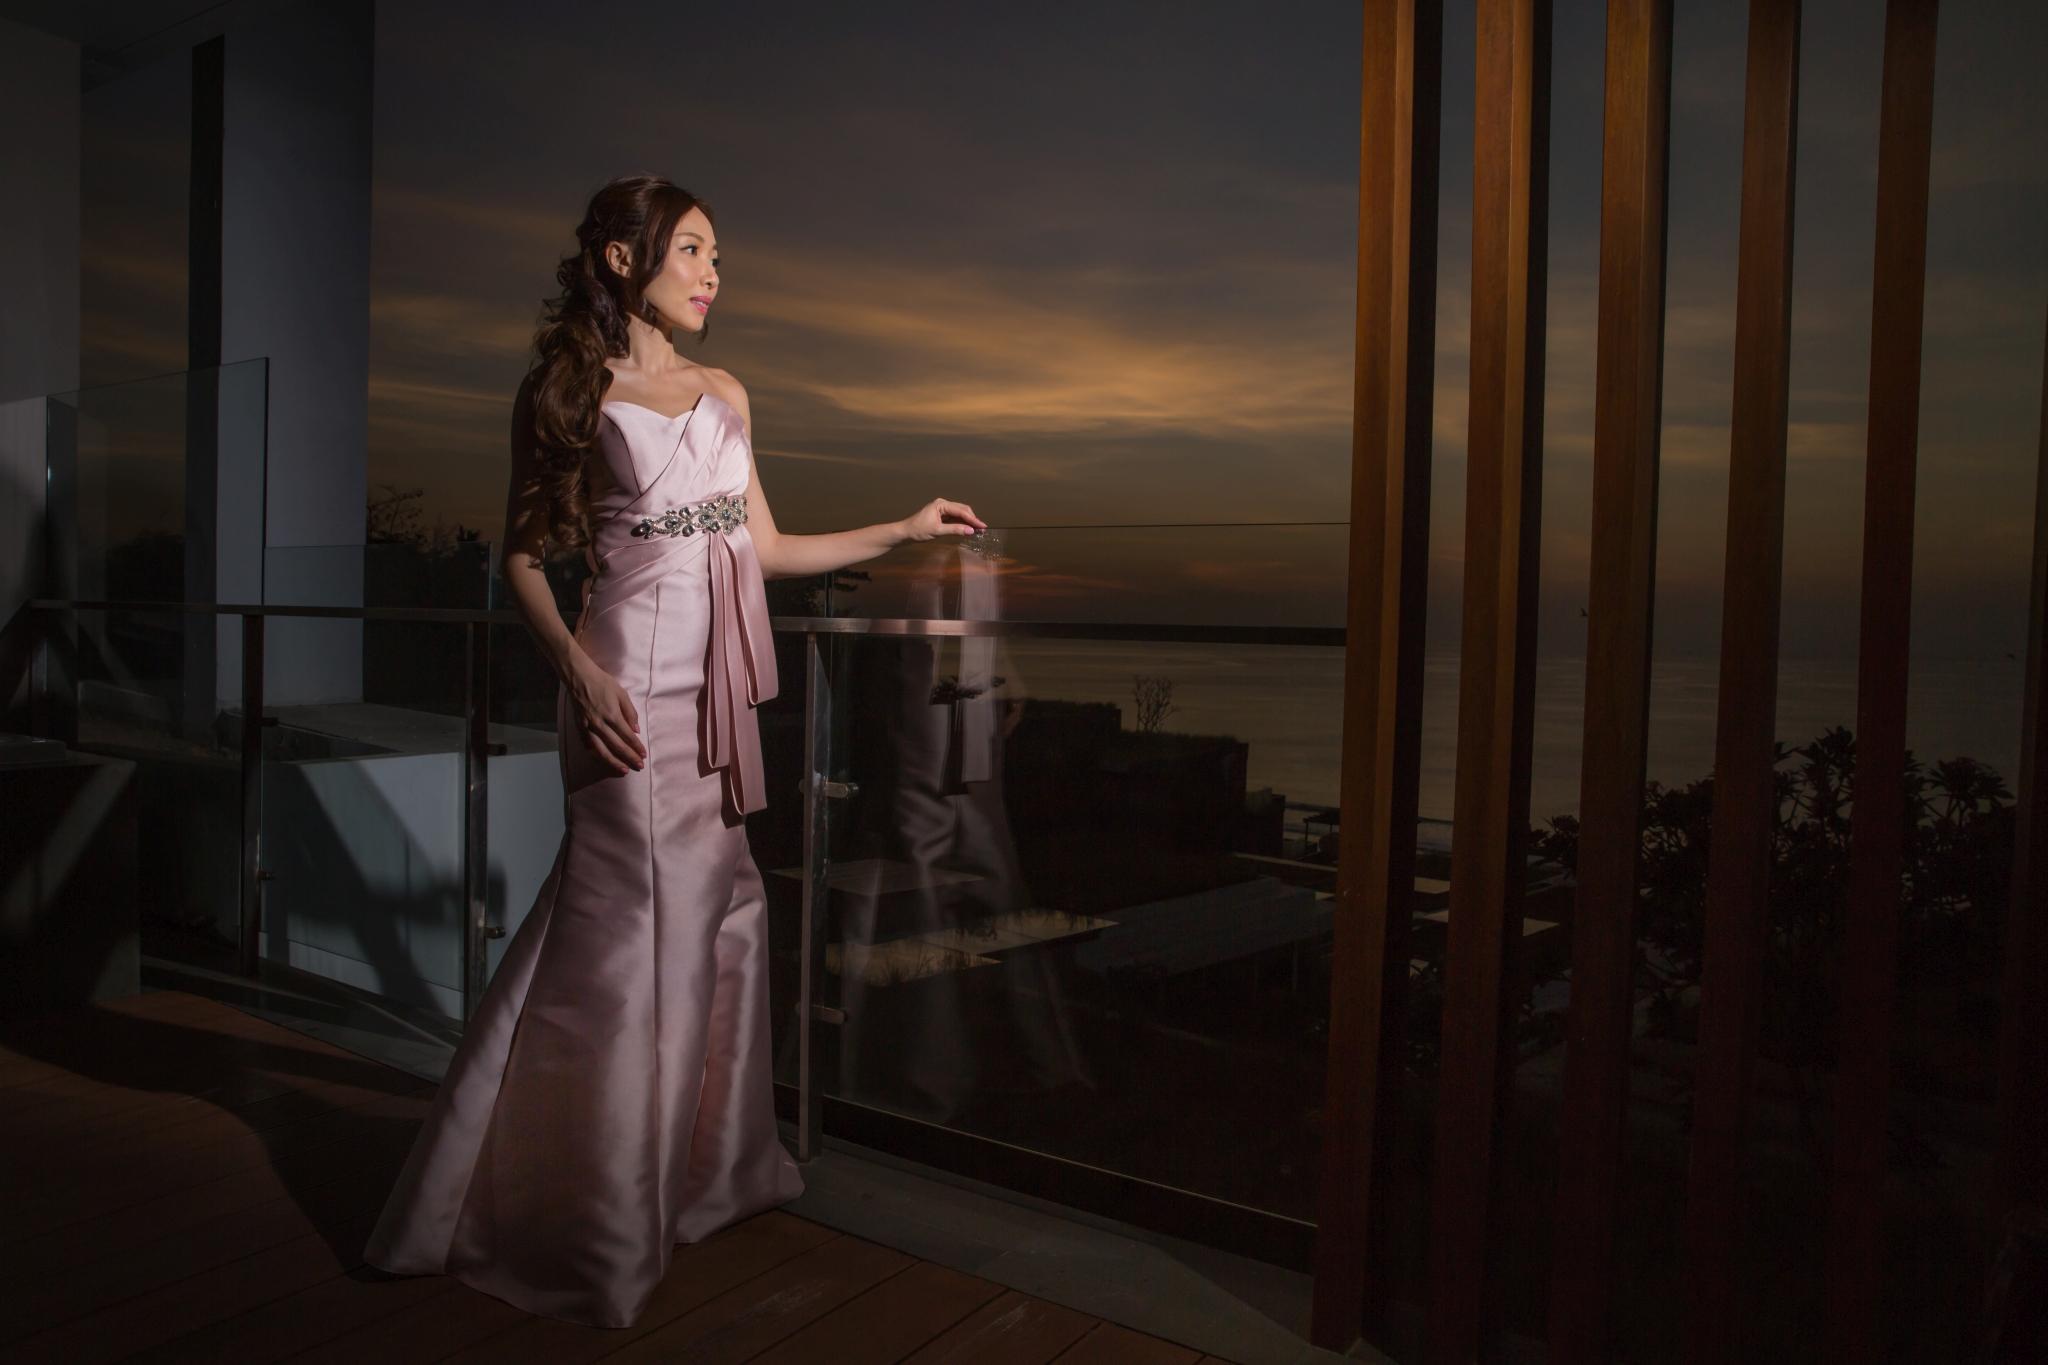 Mona_Bali (16).jpg